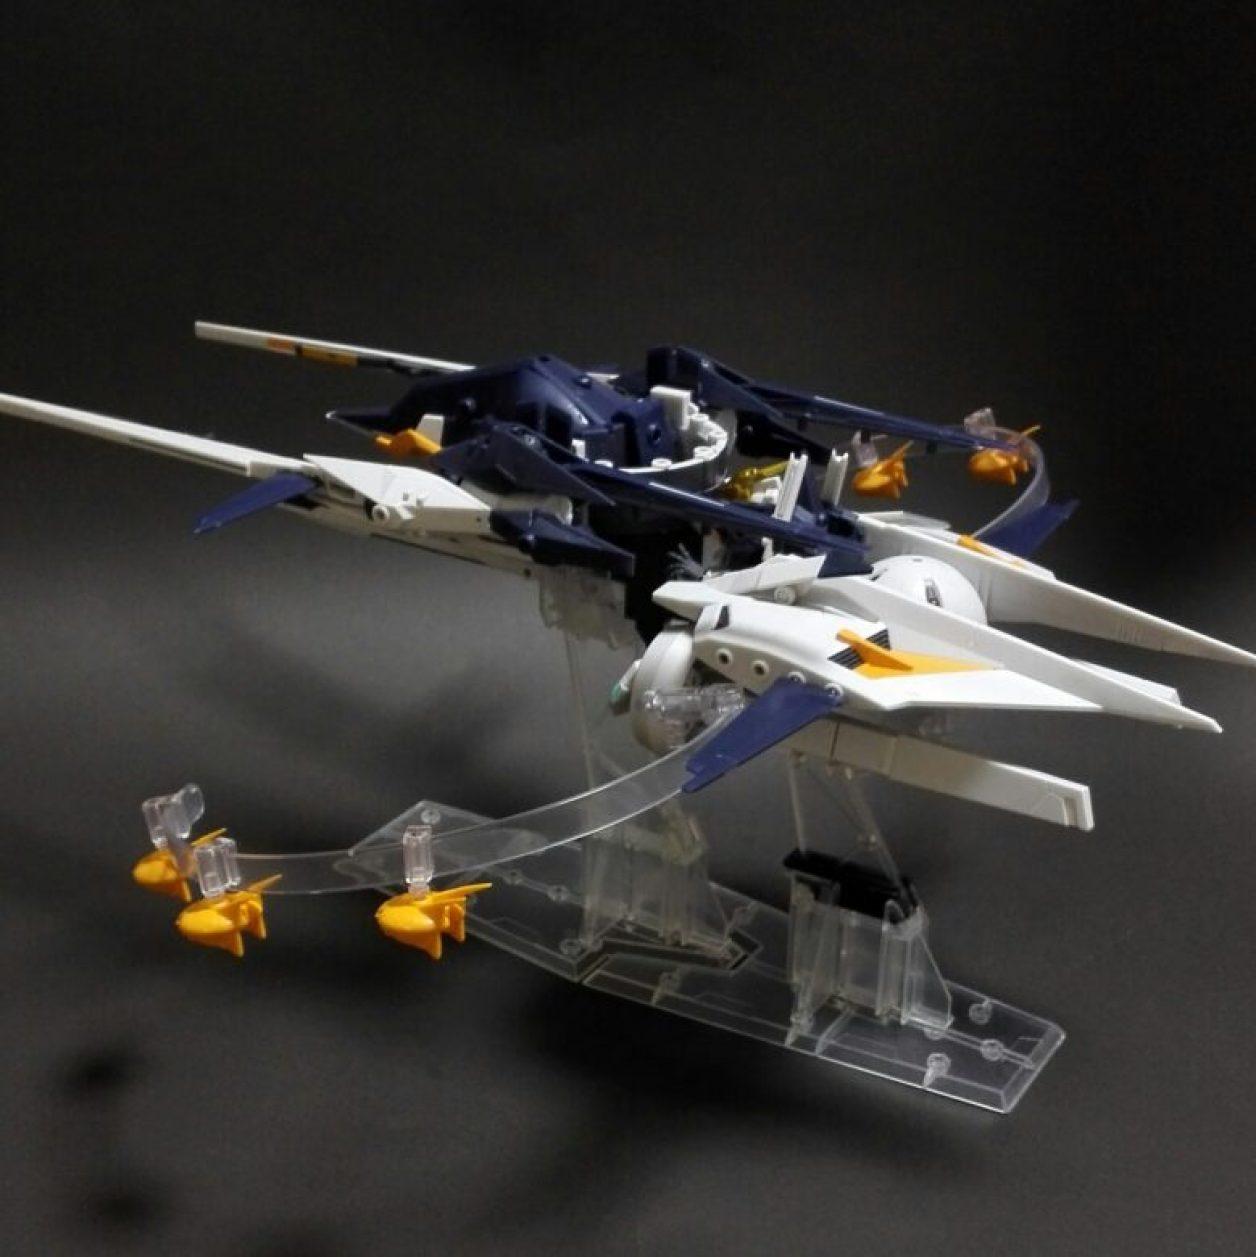 MOBILE SUIT ENSEMBLE(モビルスーツアンサンブル) EX09弾のインレのレビューよりインレMA(形態)である巡航形態の画像